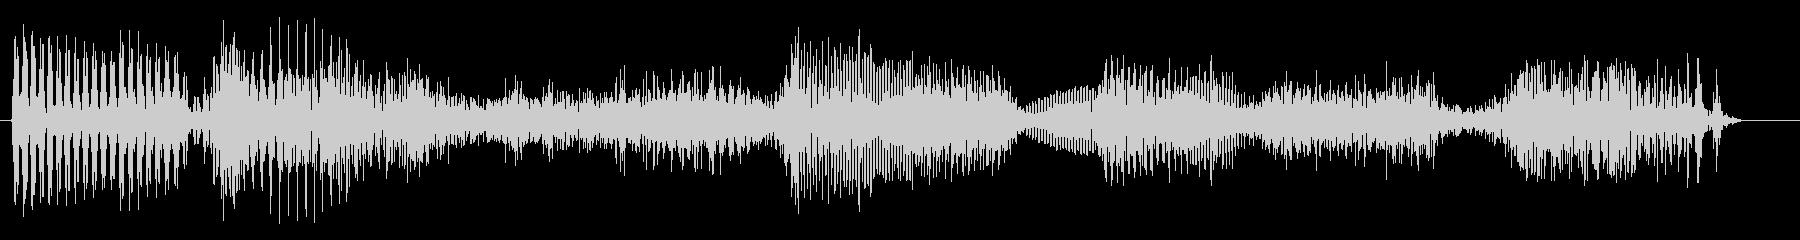 「いらっしゃいませ」2の未再生の波形